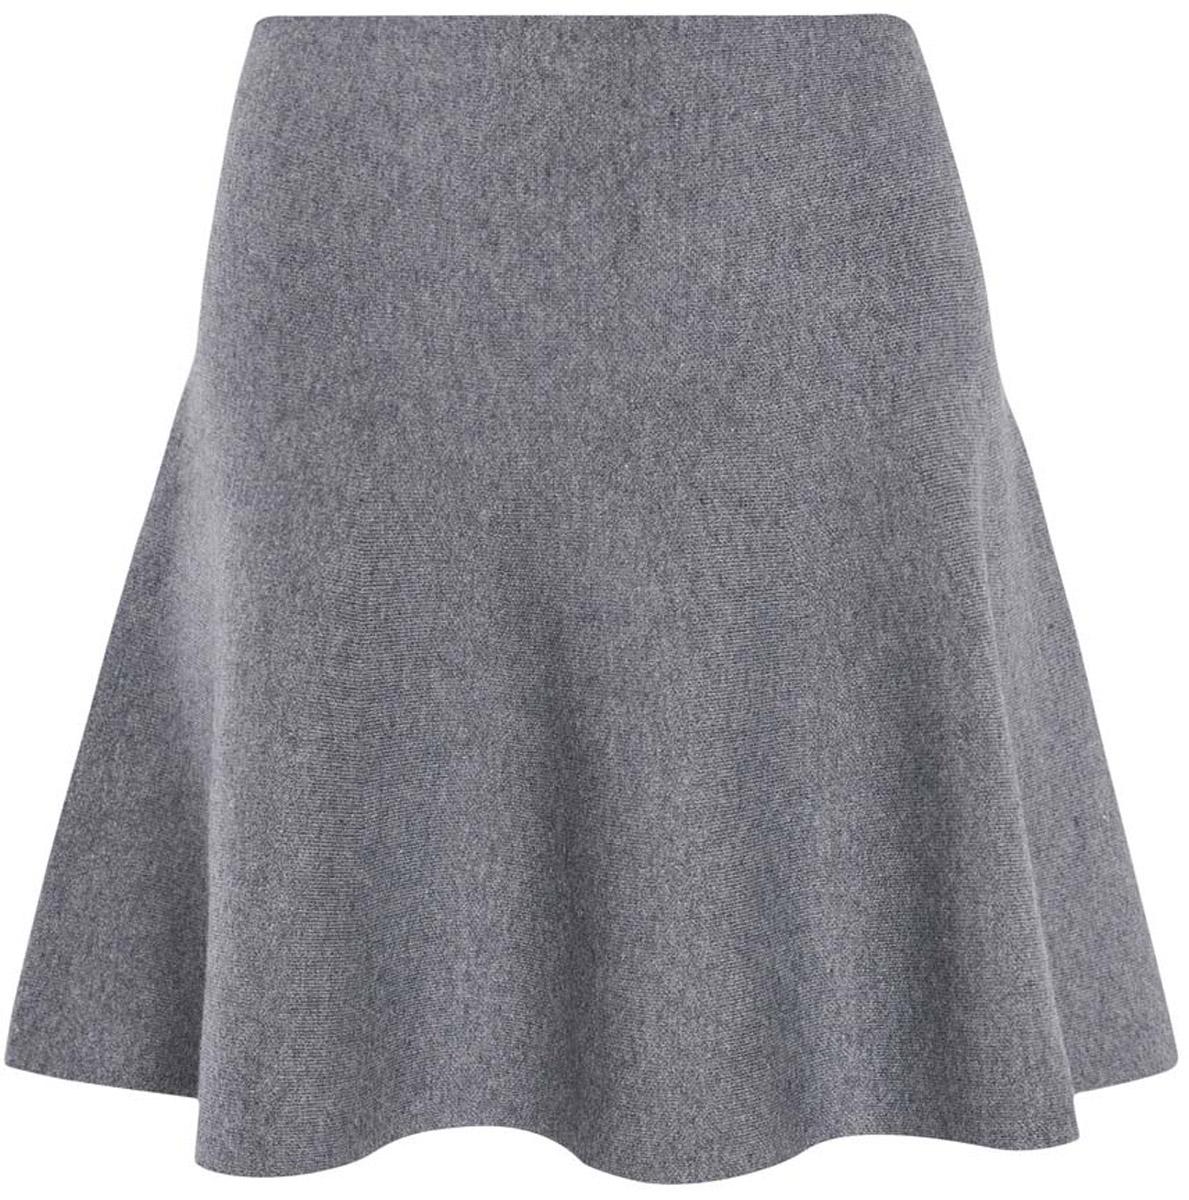 Юбка oodji Ultra, цвет: темно-серый меланж. 63612030/46096/2500M. Размер L (48)63612030/46096/2500MСтильная юбка-клеш выполнена из высококачественного материала.